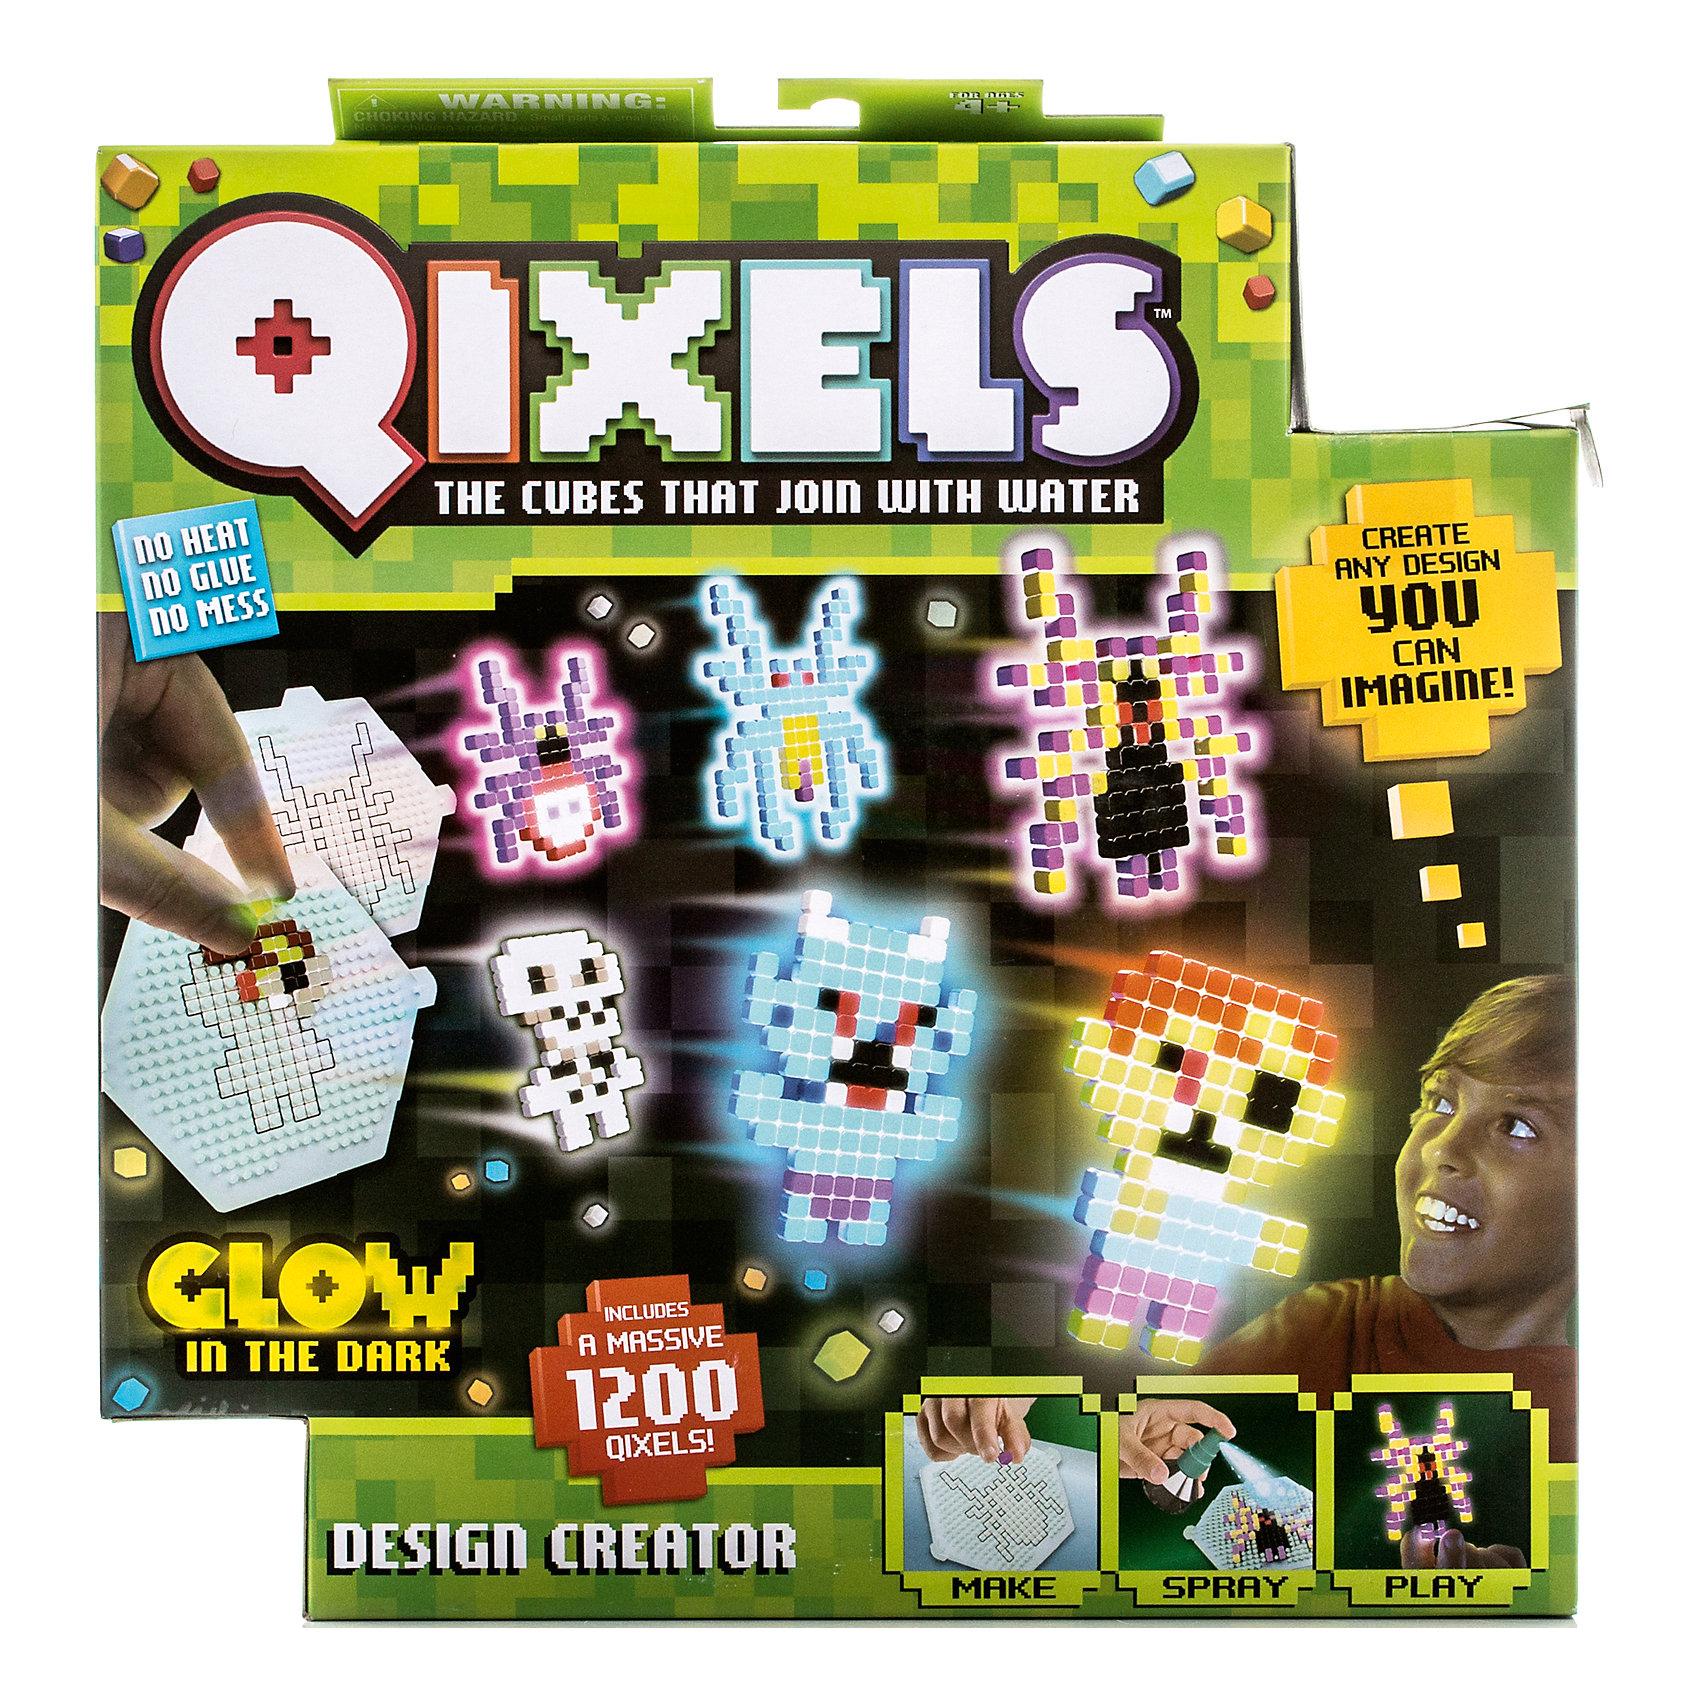 Набор для творчества Qixels ДизайнерЗамечательная новинка для всех, кто любит творчество – уникальные кубики Квикселс, которые скрепляются с помощью обычной воды. Помимо обычных разноцветных кубиков в комплект набора входят несколько кубиков светящихся в темноте. Создайте фигурку, смочите её водой и дождитесь полного высыхания. Всего через каких-то 30 минут Ваша фигурка будет готова и с ней можно играть как с обычной игрушкой! Игровой набор подойдет как для мальчиков, так и для девочек. Вы можете использовать готовые лекала, входящие в комплект набора или фантазировать на свободные темы!<br>В упаковке с набором Вы найдете:<br>1200 x кубиков (часть из них светится в темноте)!<br>8 x Дизайн лекала<br>1 x Дизайн лоток<br>1 x емкость для кубиков<br>1 x Распылитель для воды<br>1 x Инструкция<br><br>Ширина мм: 55<br>Глубина мм: 290<br>Высота мм: 260<br>Вес г: 283<br>Возраст от месяцев: 72<br>Возраст до месяцев: 180<br>Пол: Унисекс<br>Возраст: Детский<br>SKU: 5032650